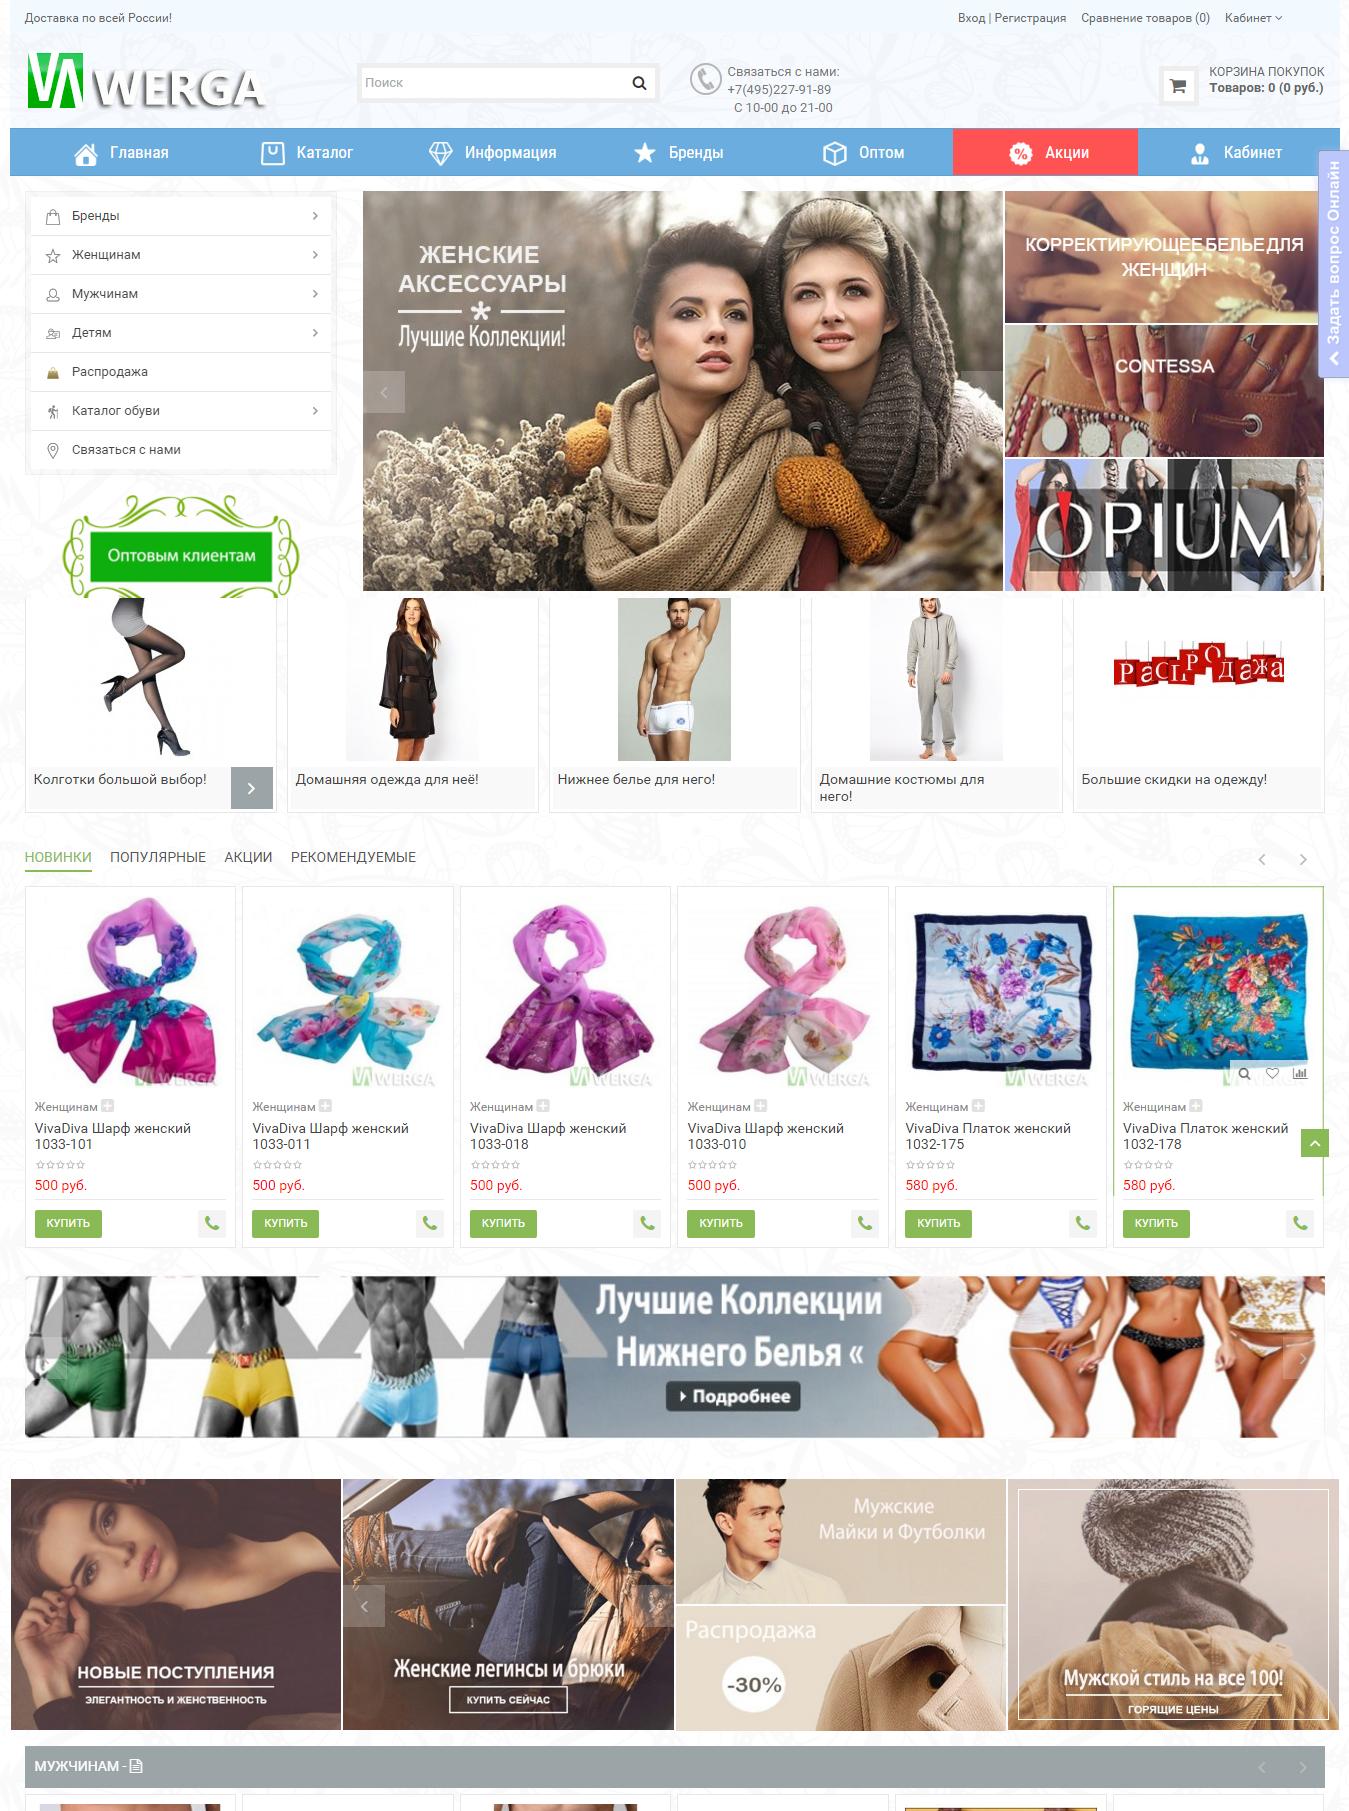 FireShot Capture 115 - Верга (werga.ru) - интернет-магазин нижнего белья, одежды_ - http___werga.ru_